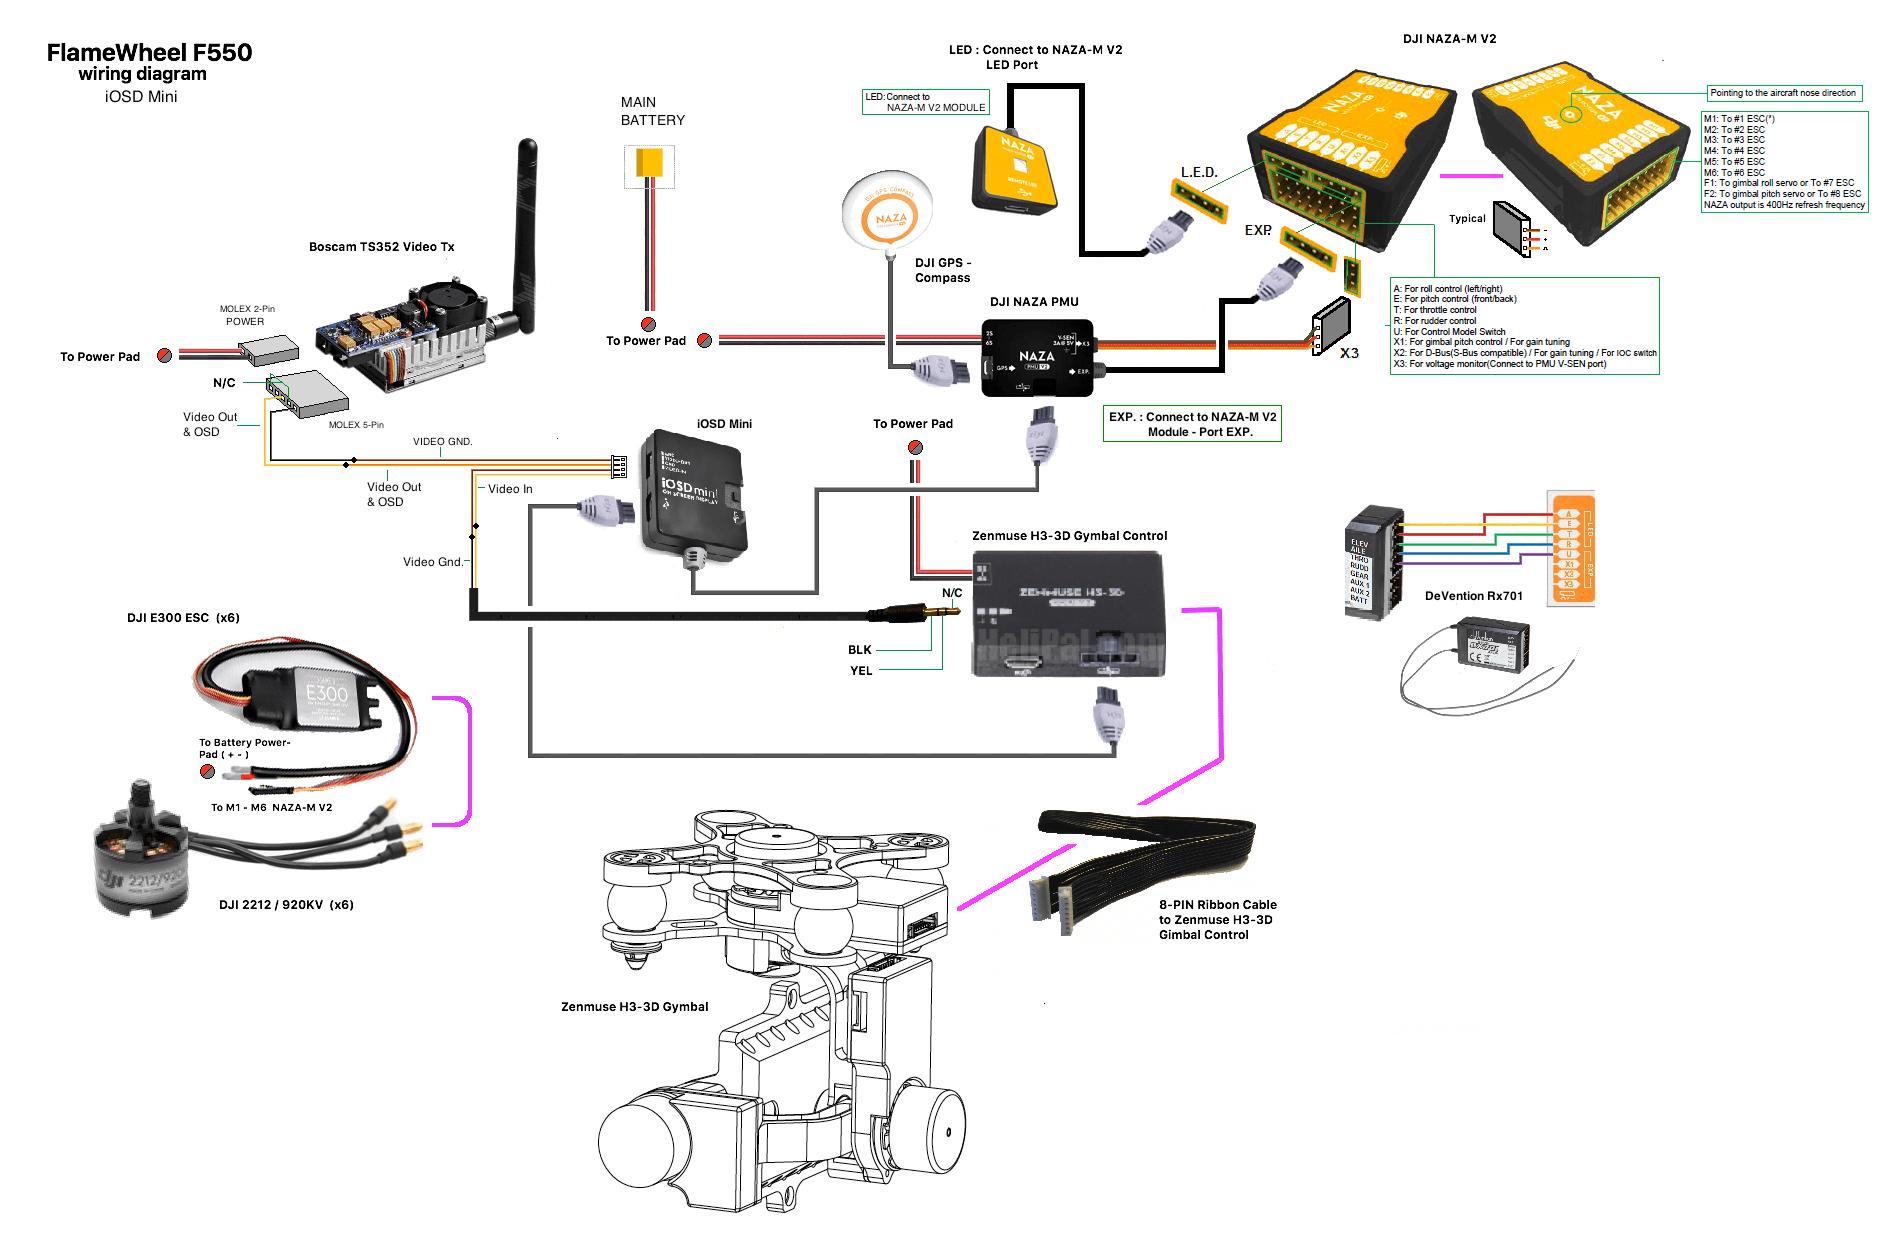 naza osd wiring diagram wiring diagrams DJI Phantom 2